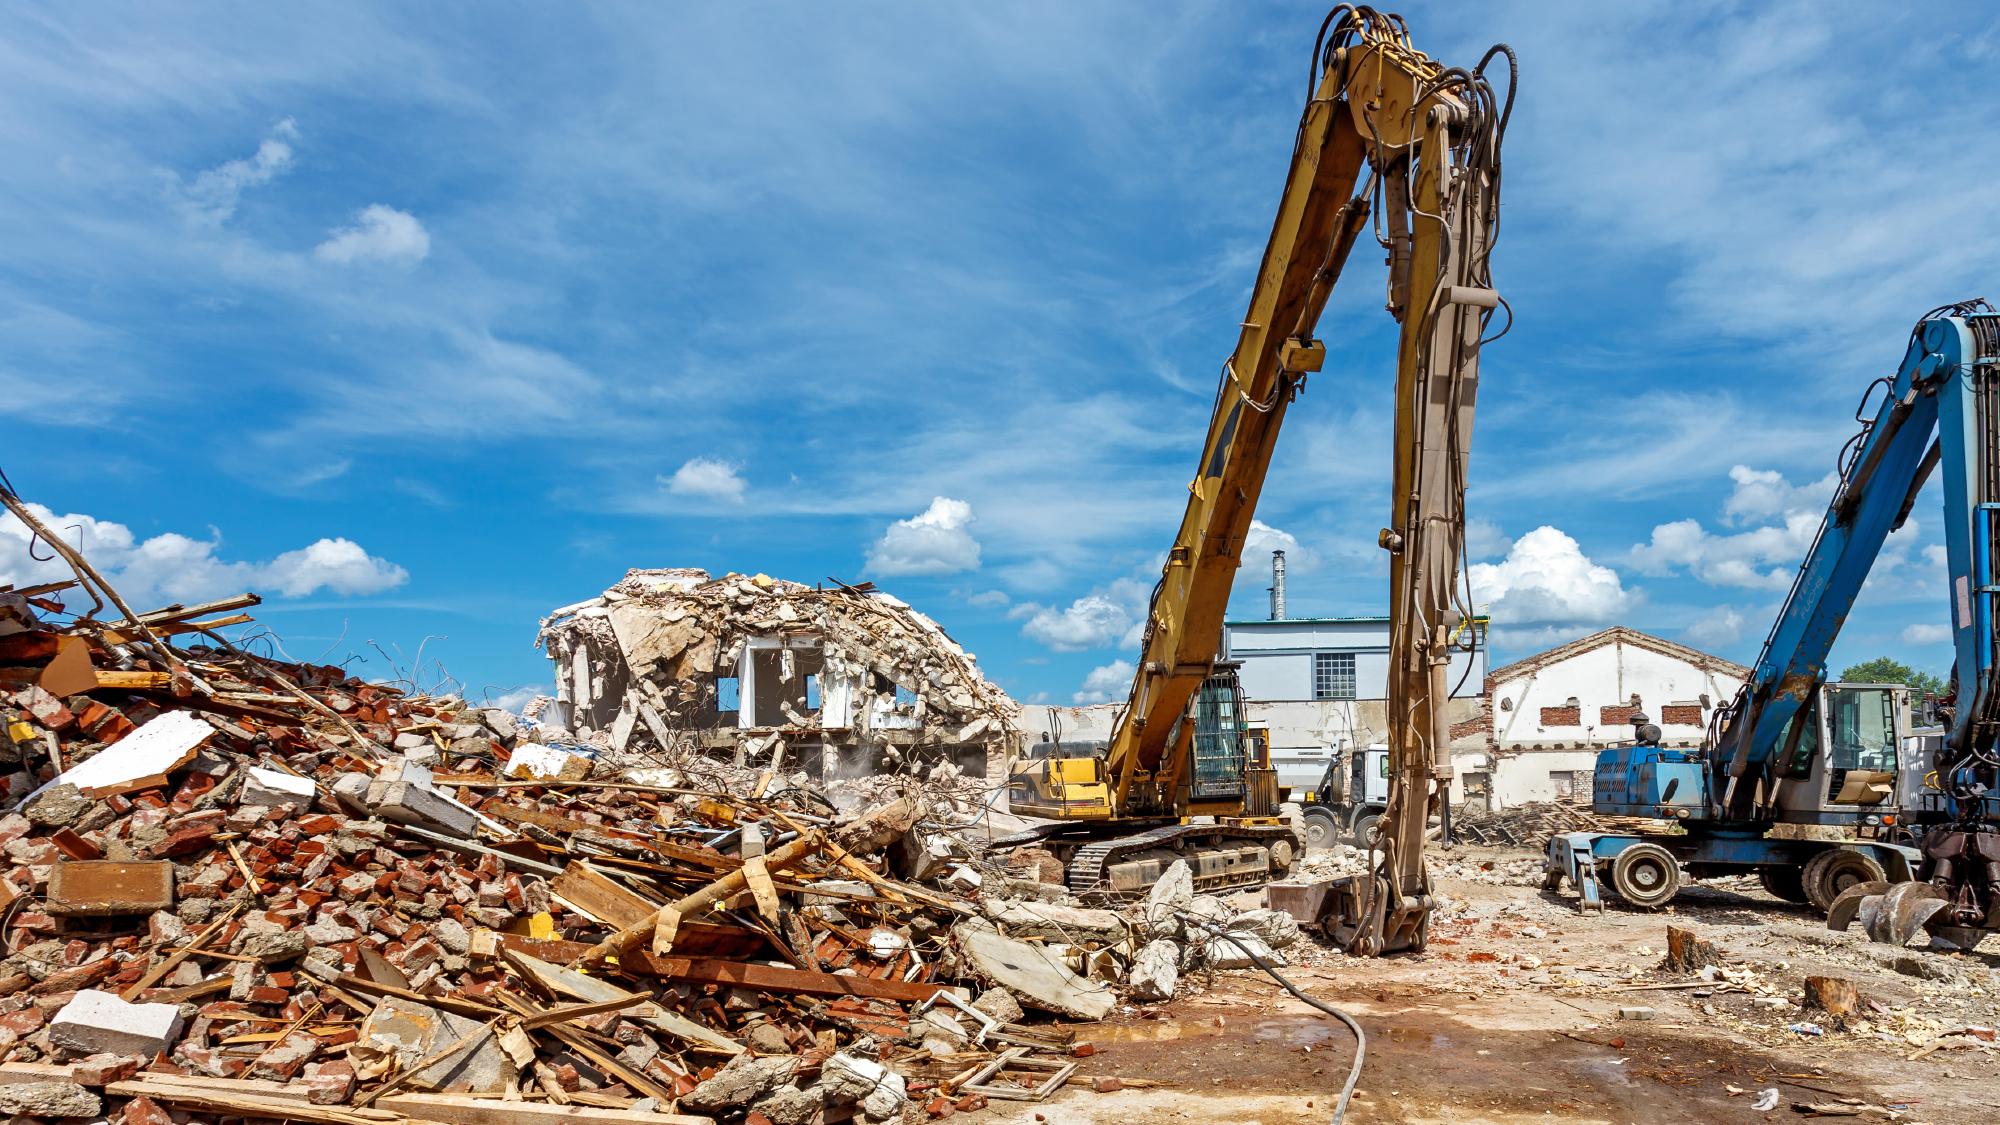 Demolition cranes working on site